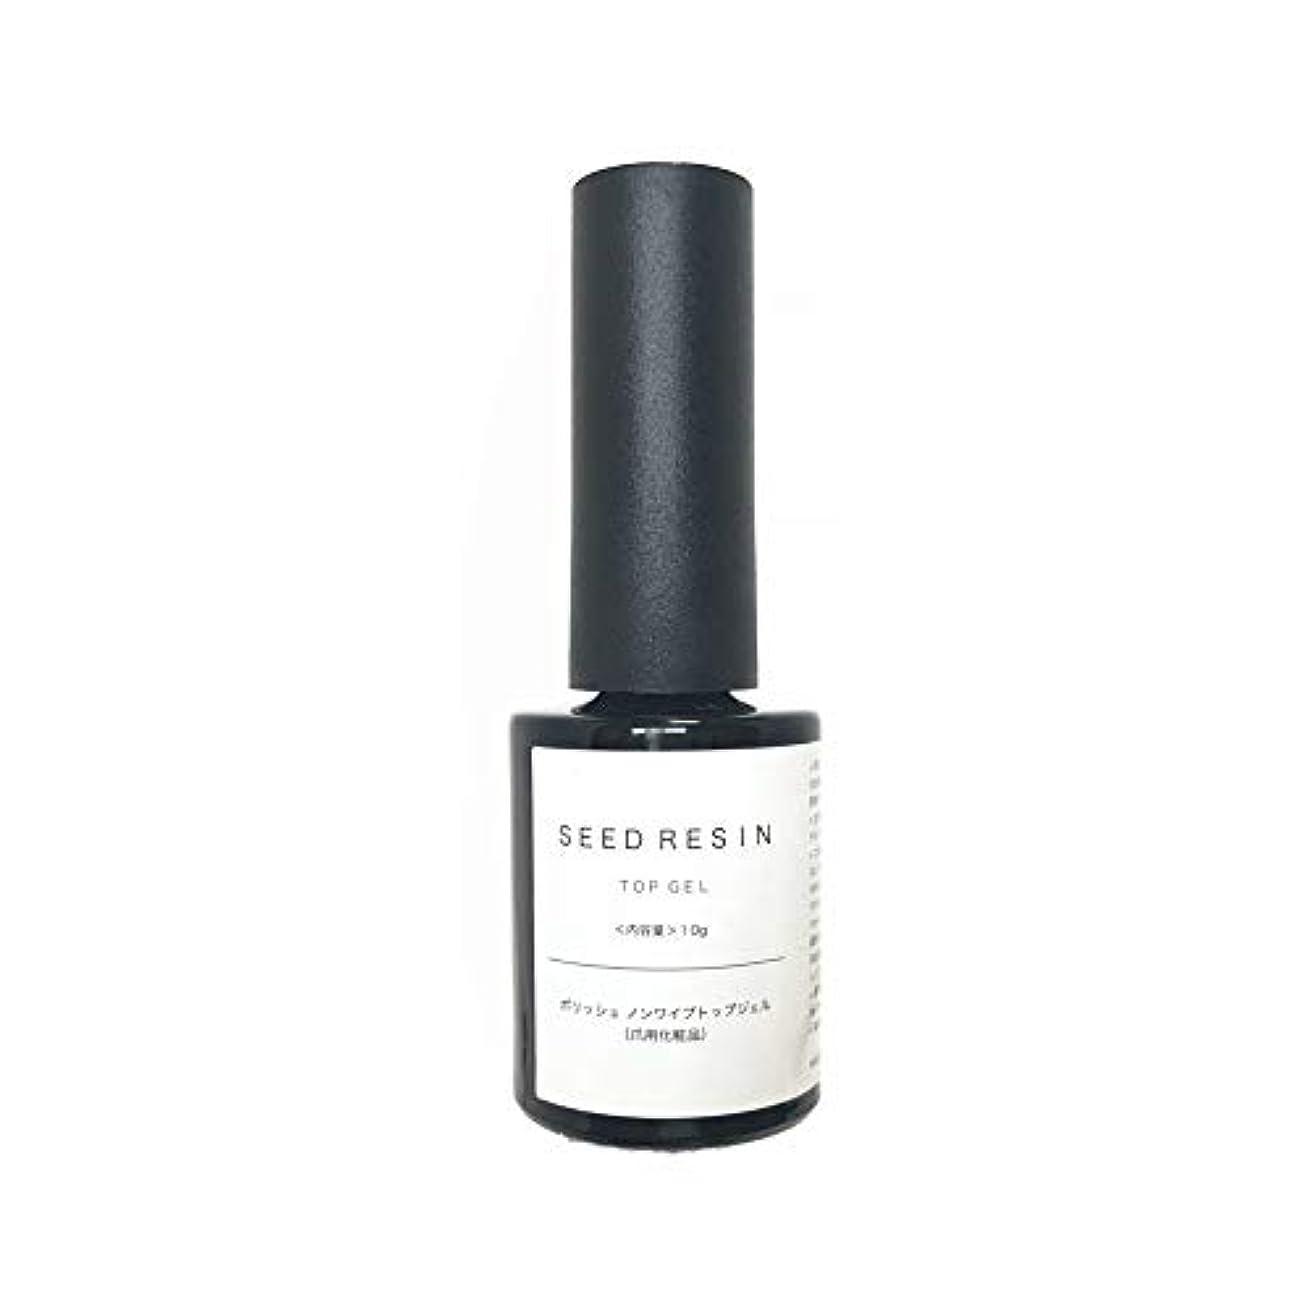 野ウサギおとこに対応するSEED RESIN(シードレジン) ジェルネイル ポリッシュ ノンワイプ トップジェル 10g 爪用化粧品